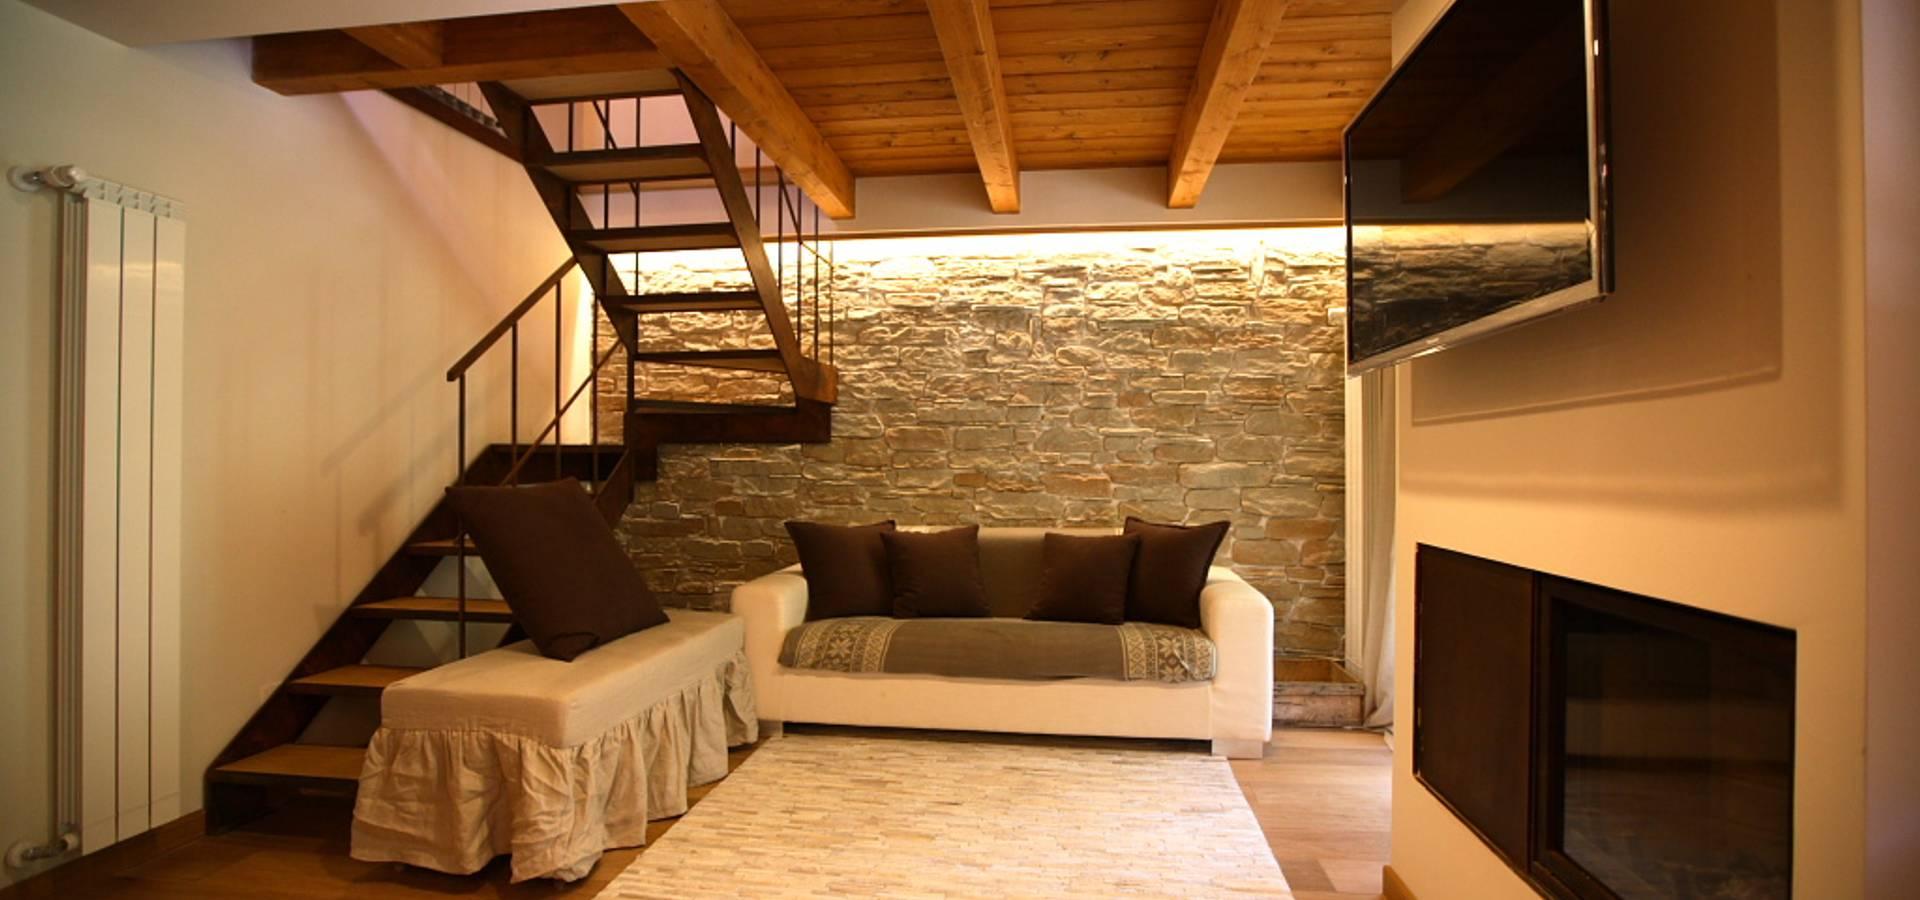 Studio di architettura e design seregno architetti a for Architettura e design roma